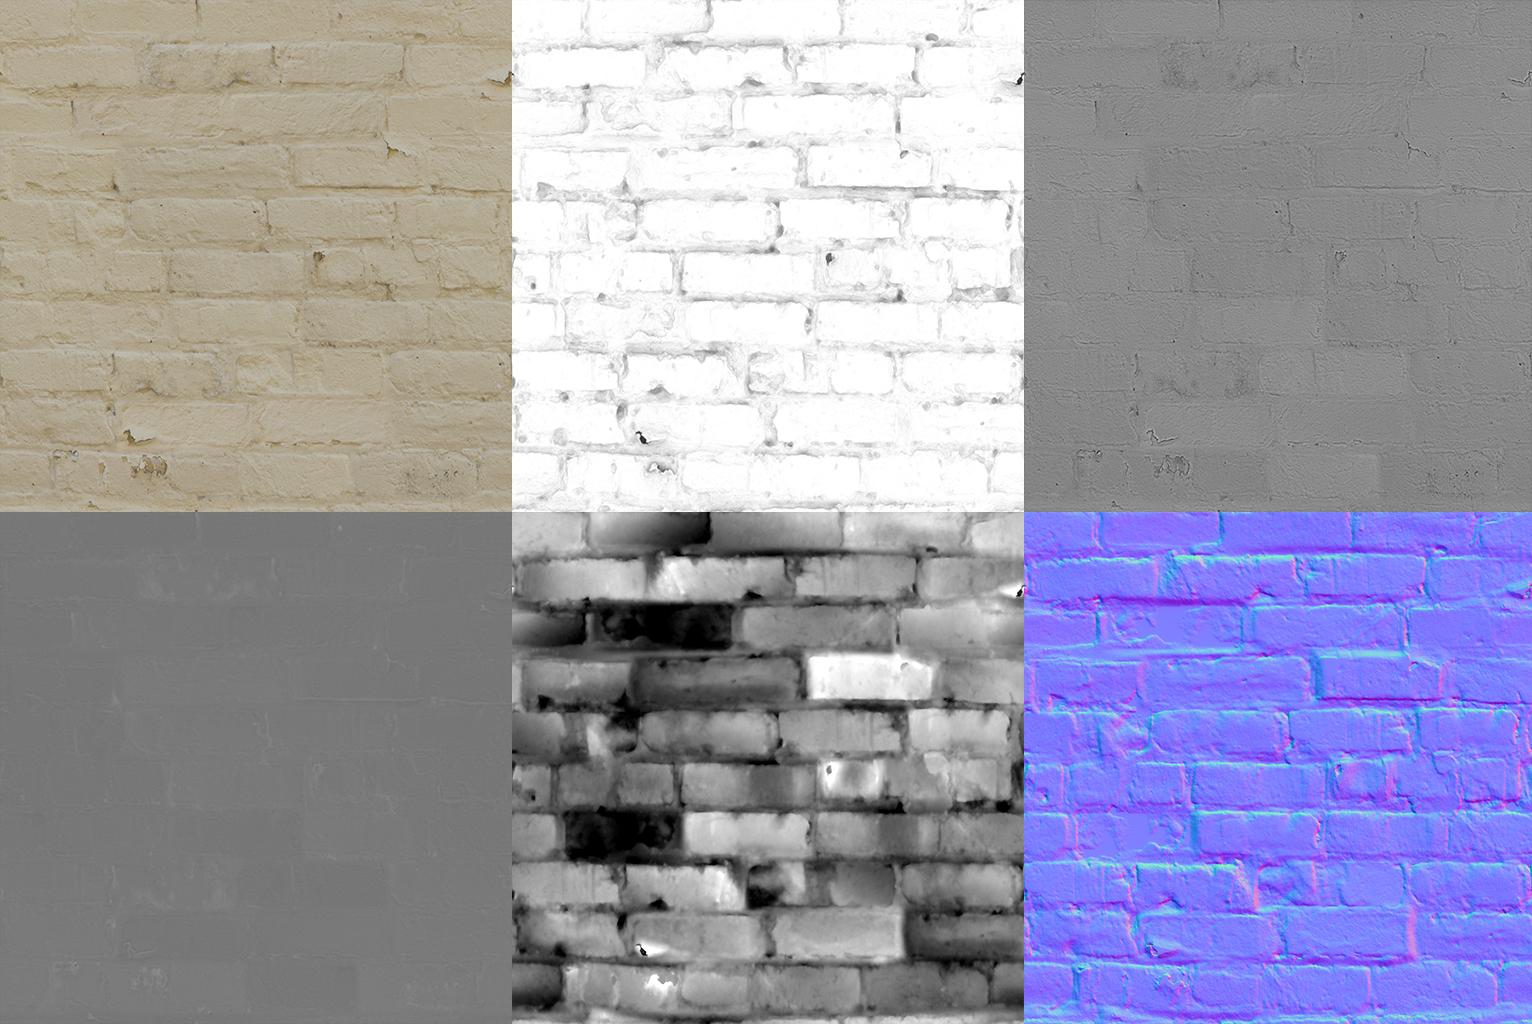 bricks_painted_oldLight_B_001 example